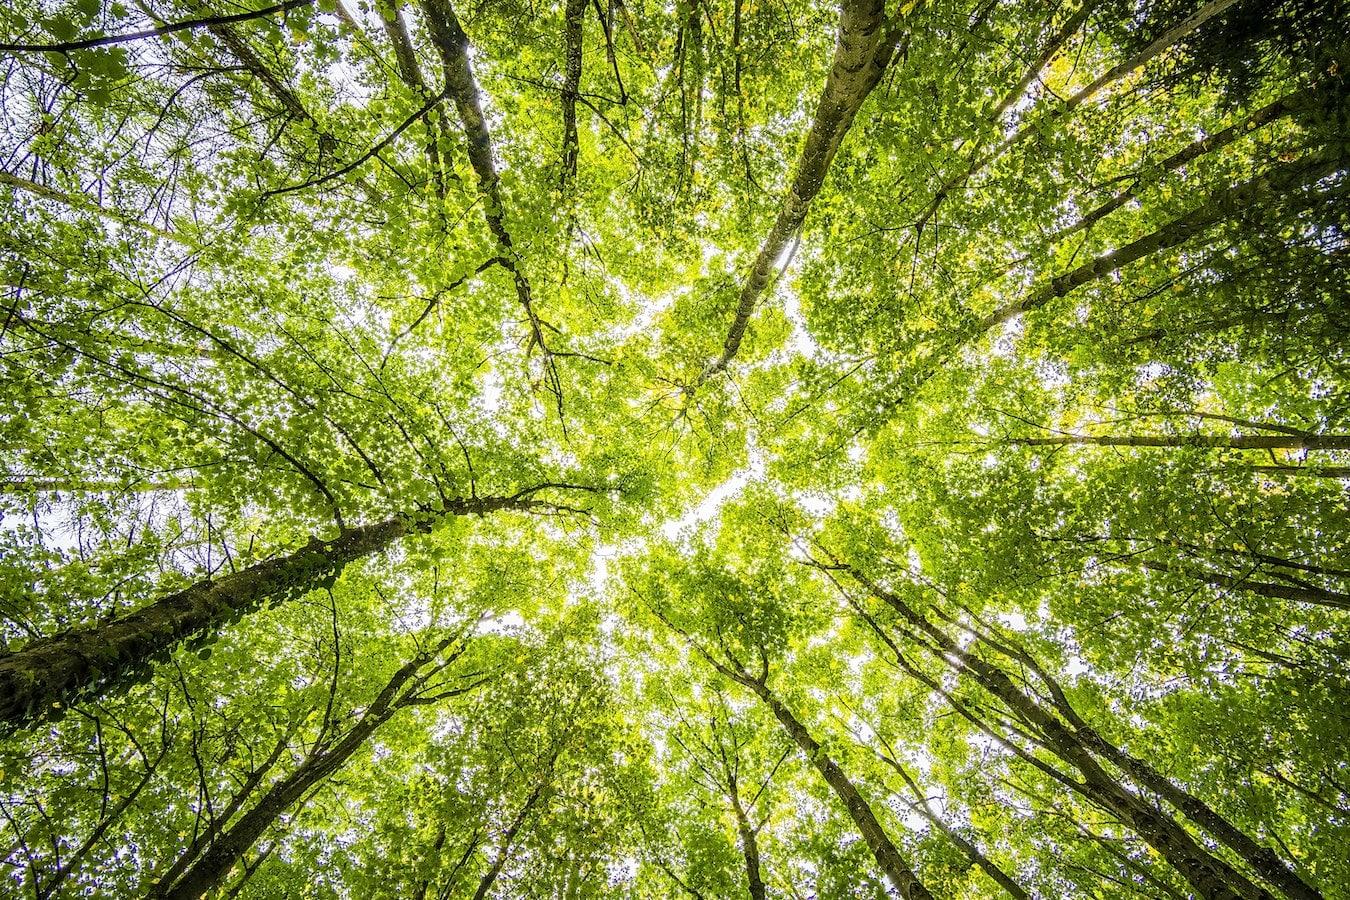 Baumkronen, Wald, Natur entspannt und macht den Kopf frei